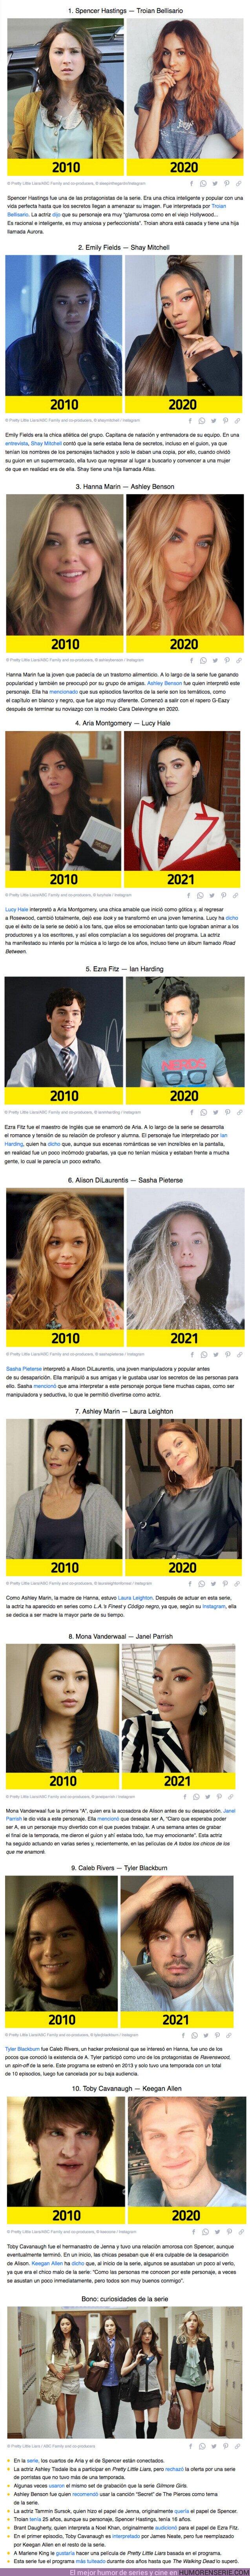 """65538 - GALERÍA: Qué hace y cómo luce el elenco de """"Pretty Little Liars"""" después de 10 años (y algunos detalles sobre la producción de la serie)"""